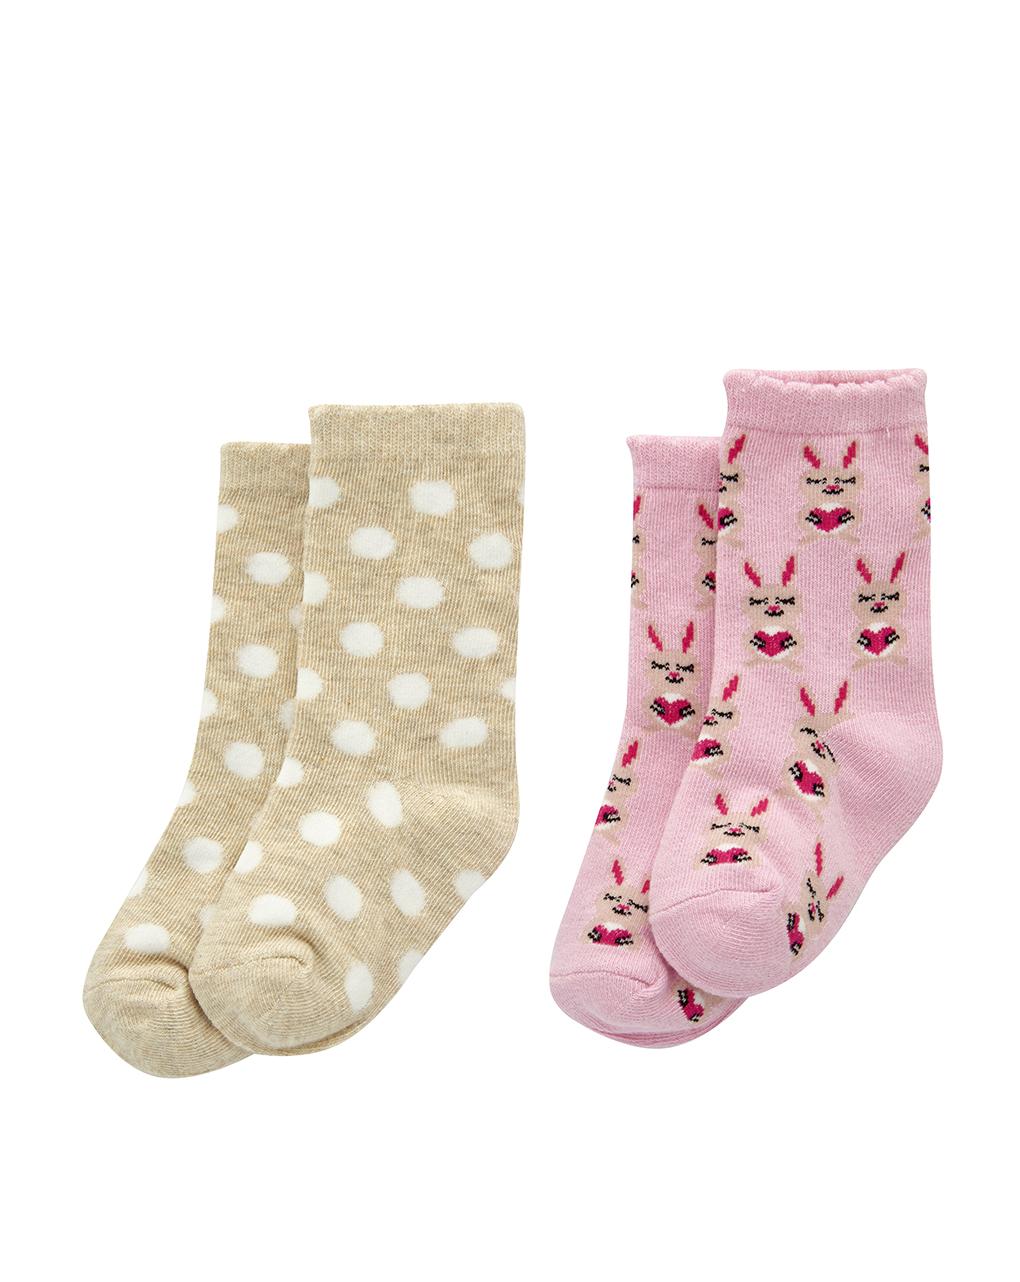 Κάλτσες Βαμβακερές με Σχέδια Πακέτο x2 για Κορίτσι